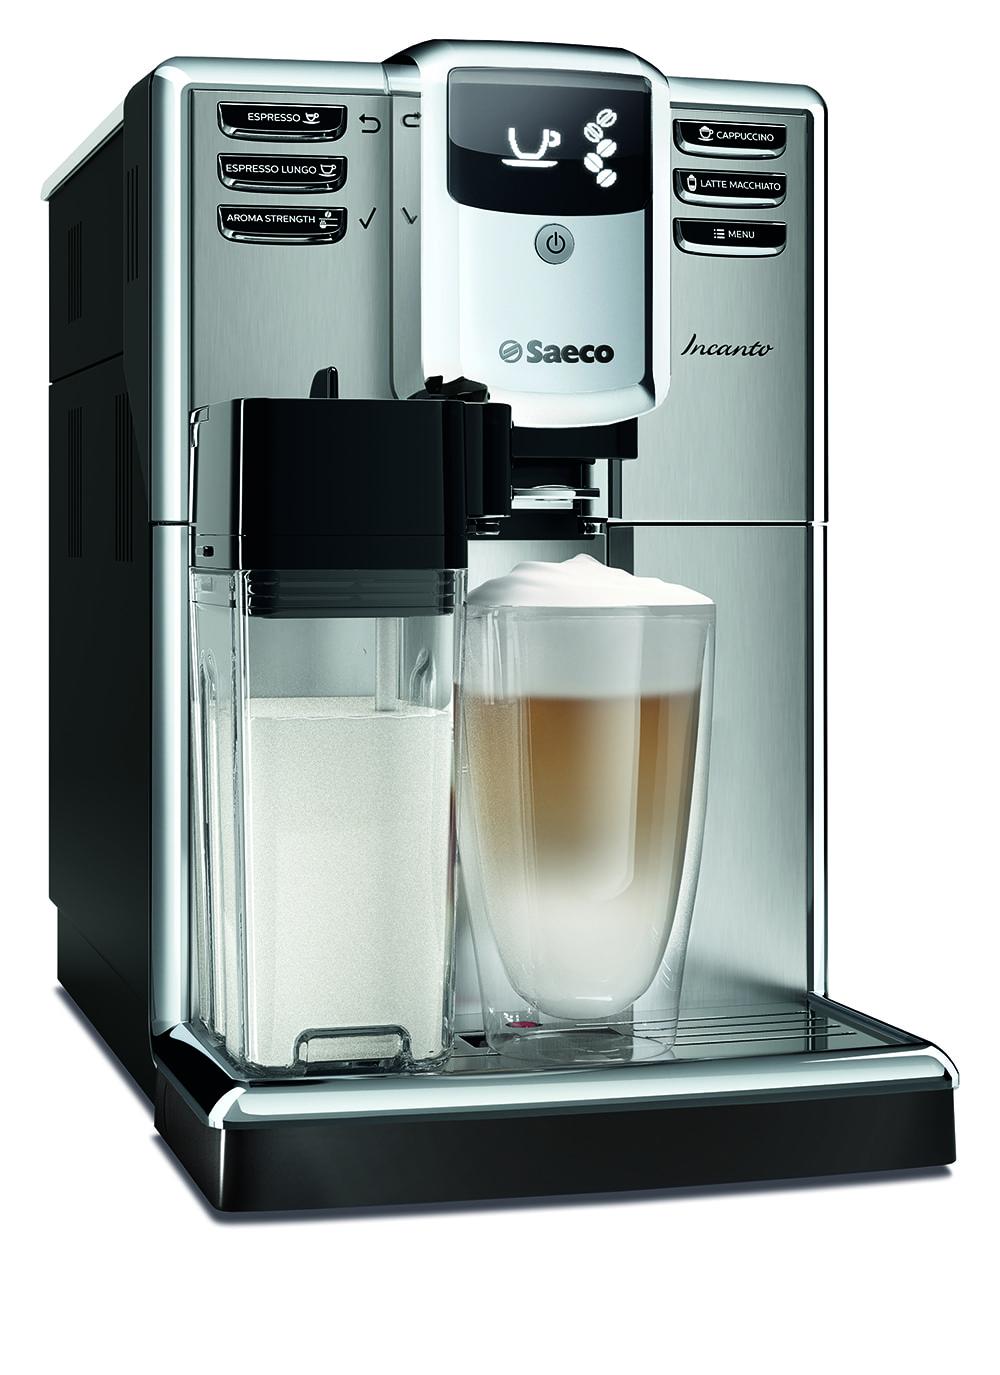 Automatický kávovar Saeco Incanto HD891809 dostupný se slevou až 50 %